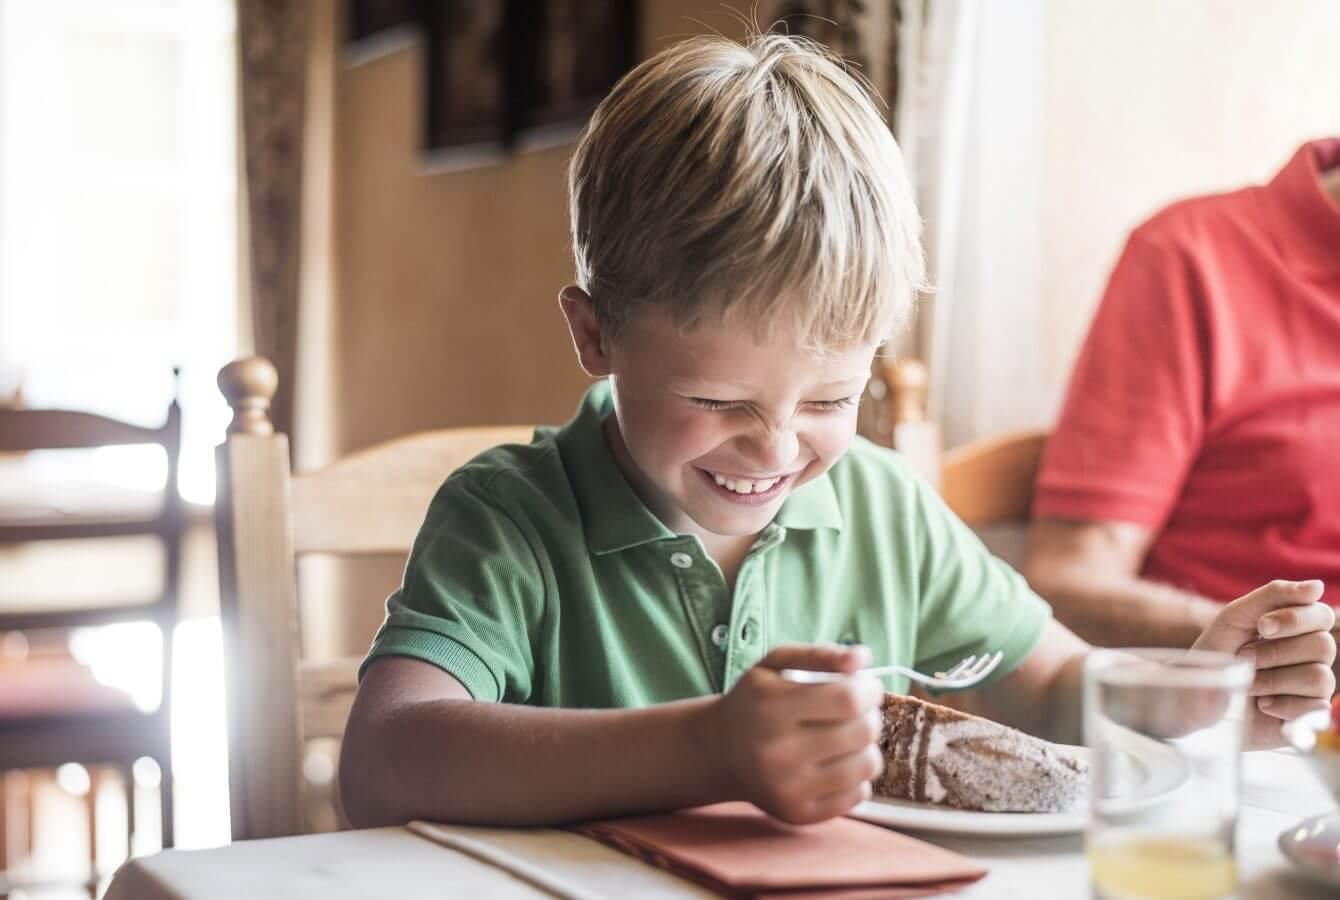 Kind, Kuchen, Mehlspeise